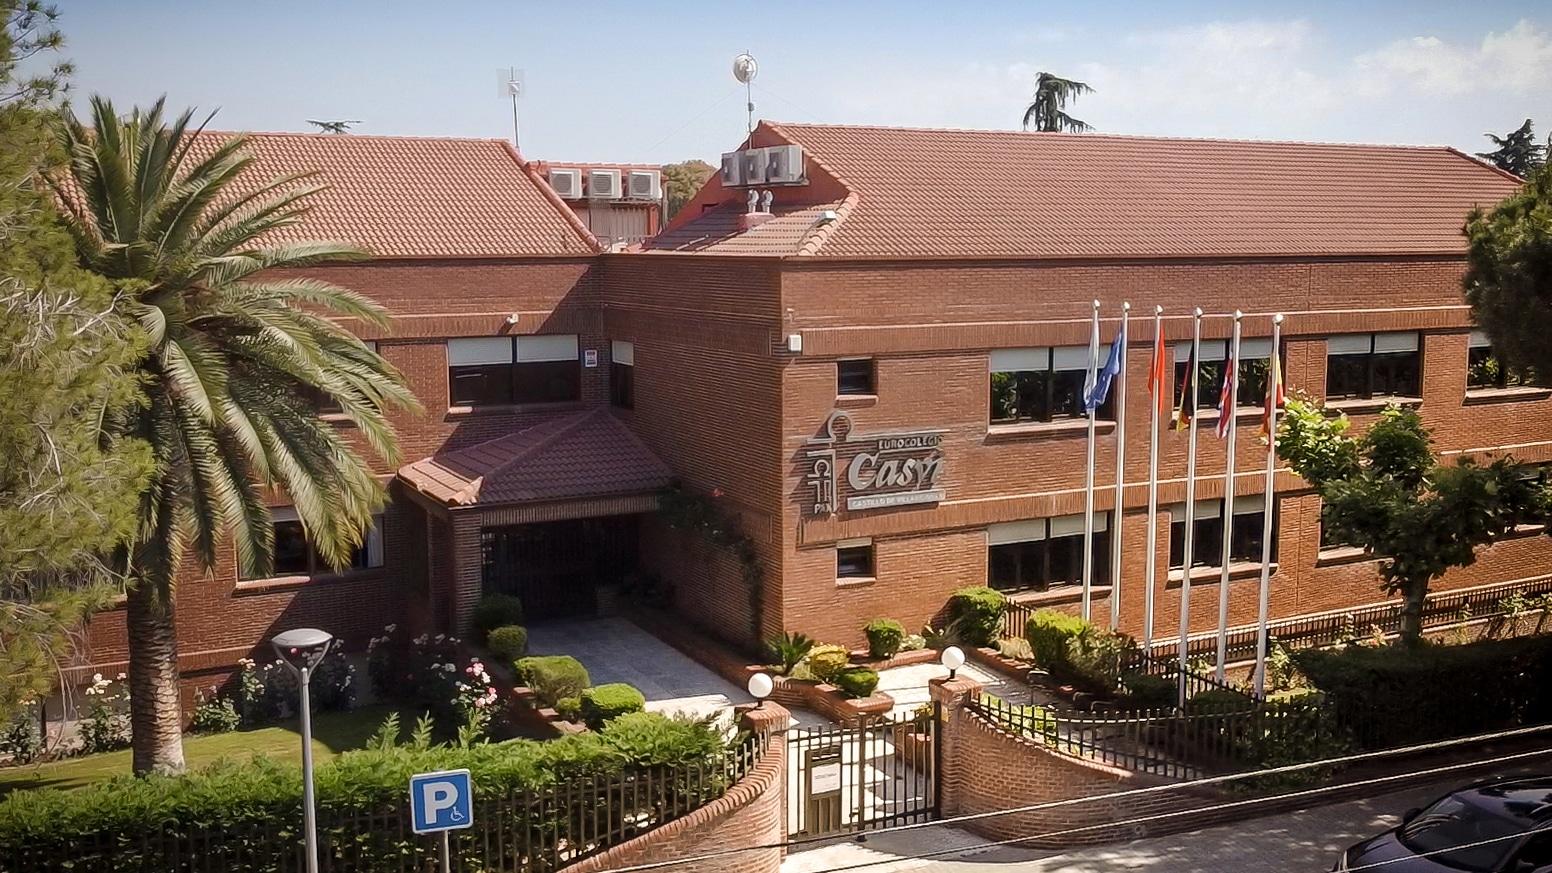 Edificio principal del Colegio Privado Internacional Eurocolegio Casvi